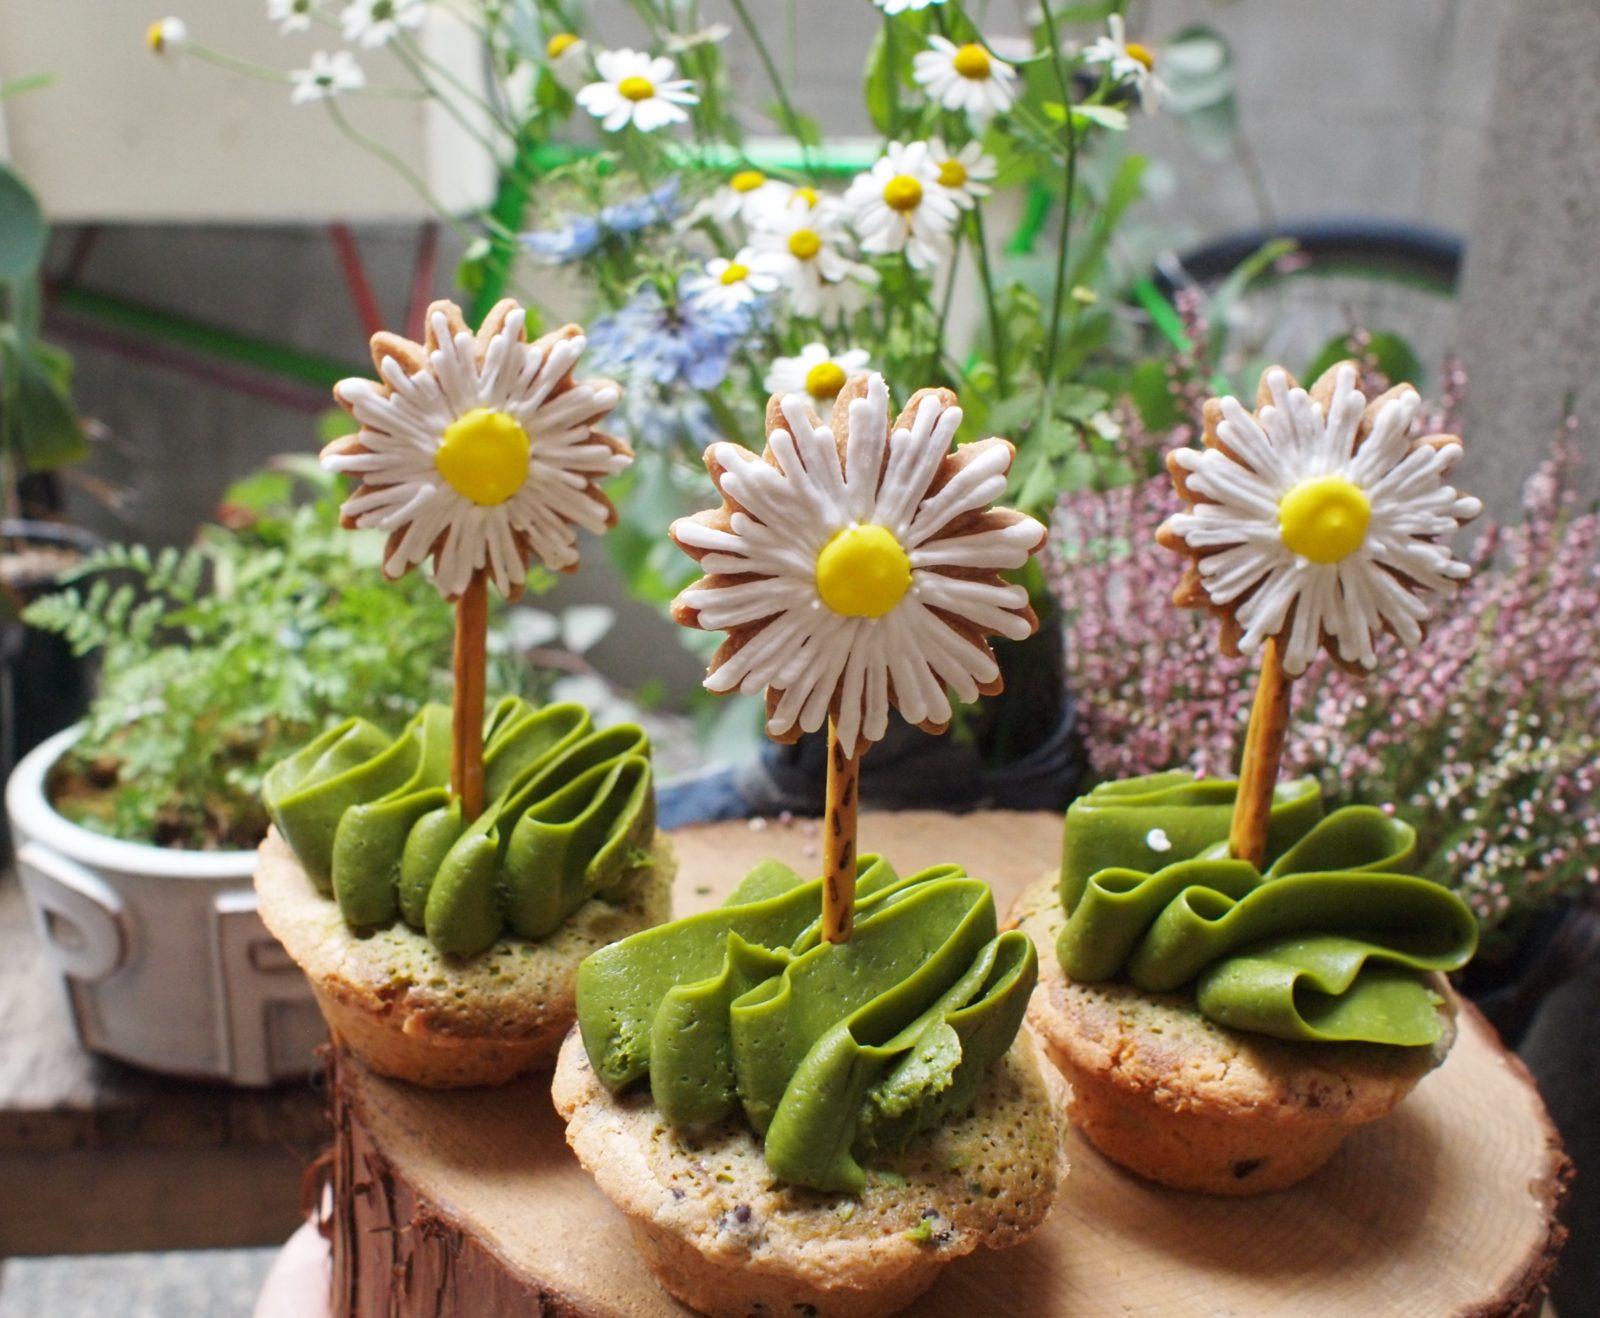 swEATworkshop -flower sweets -